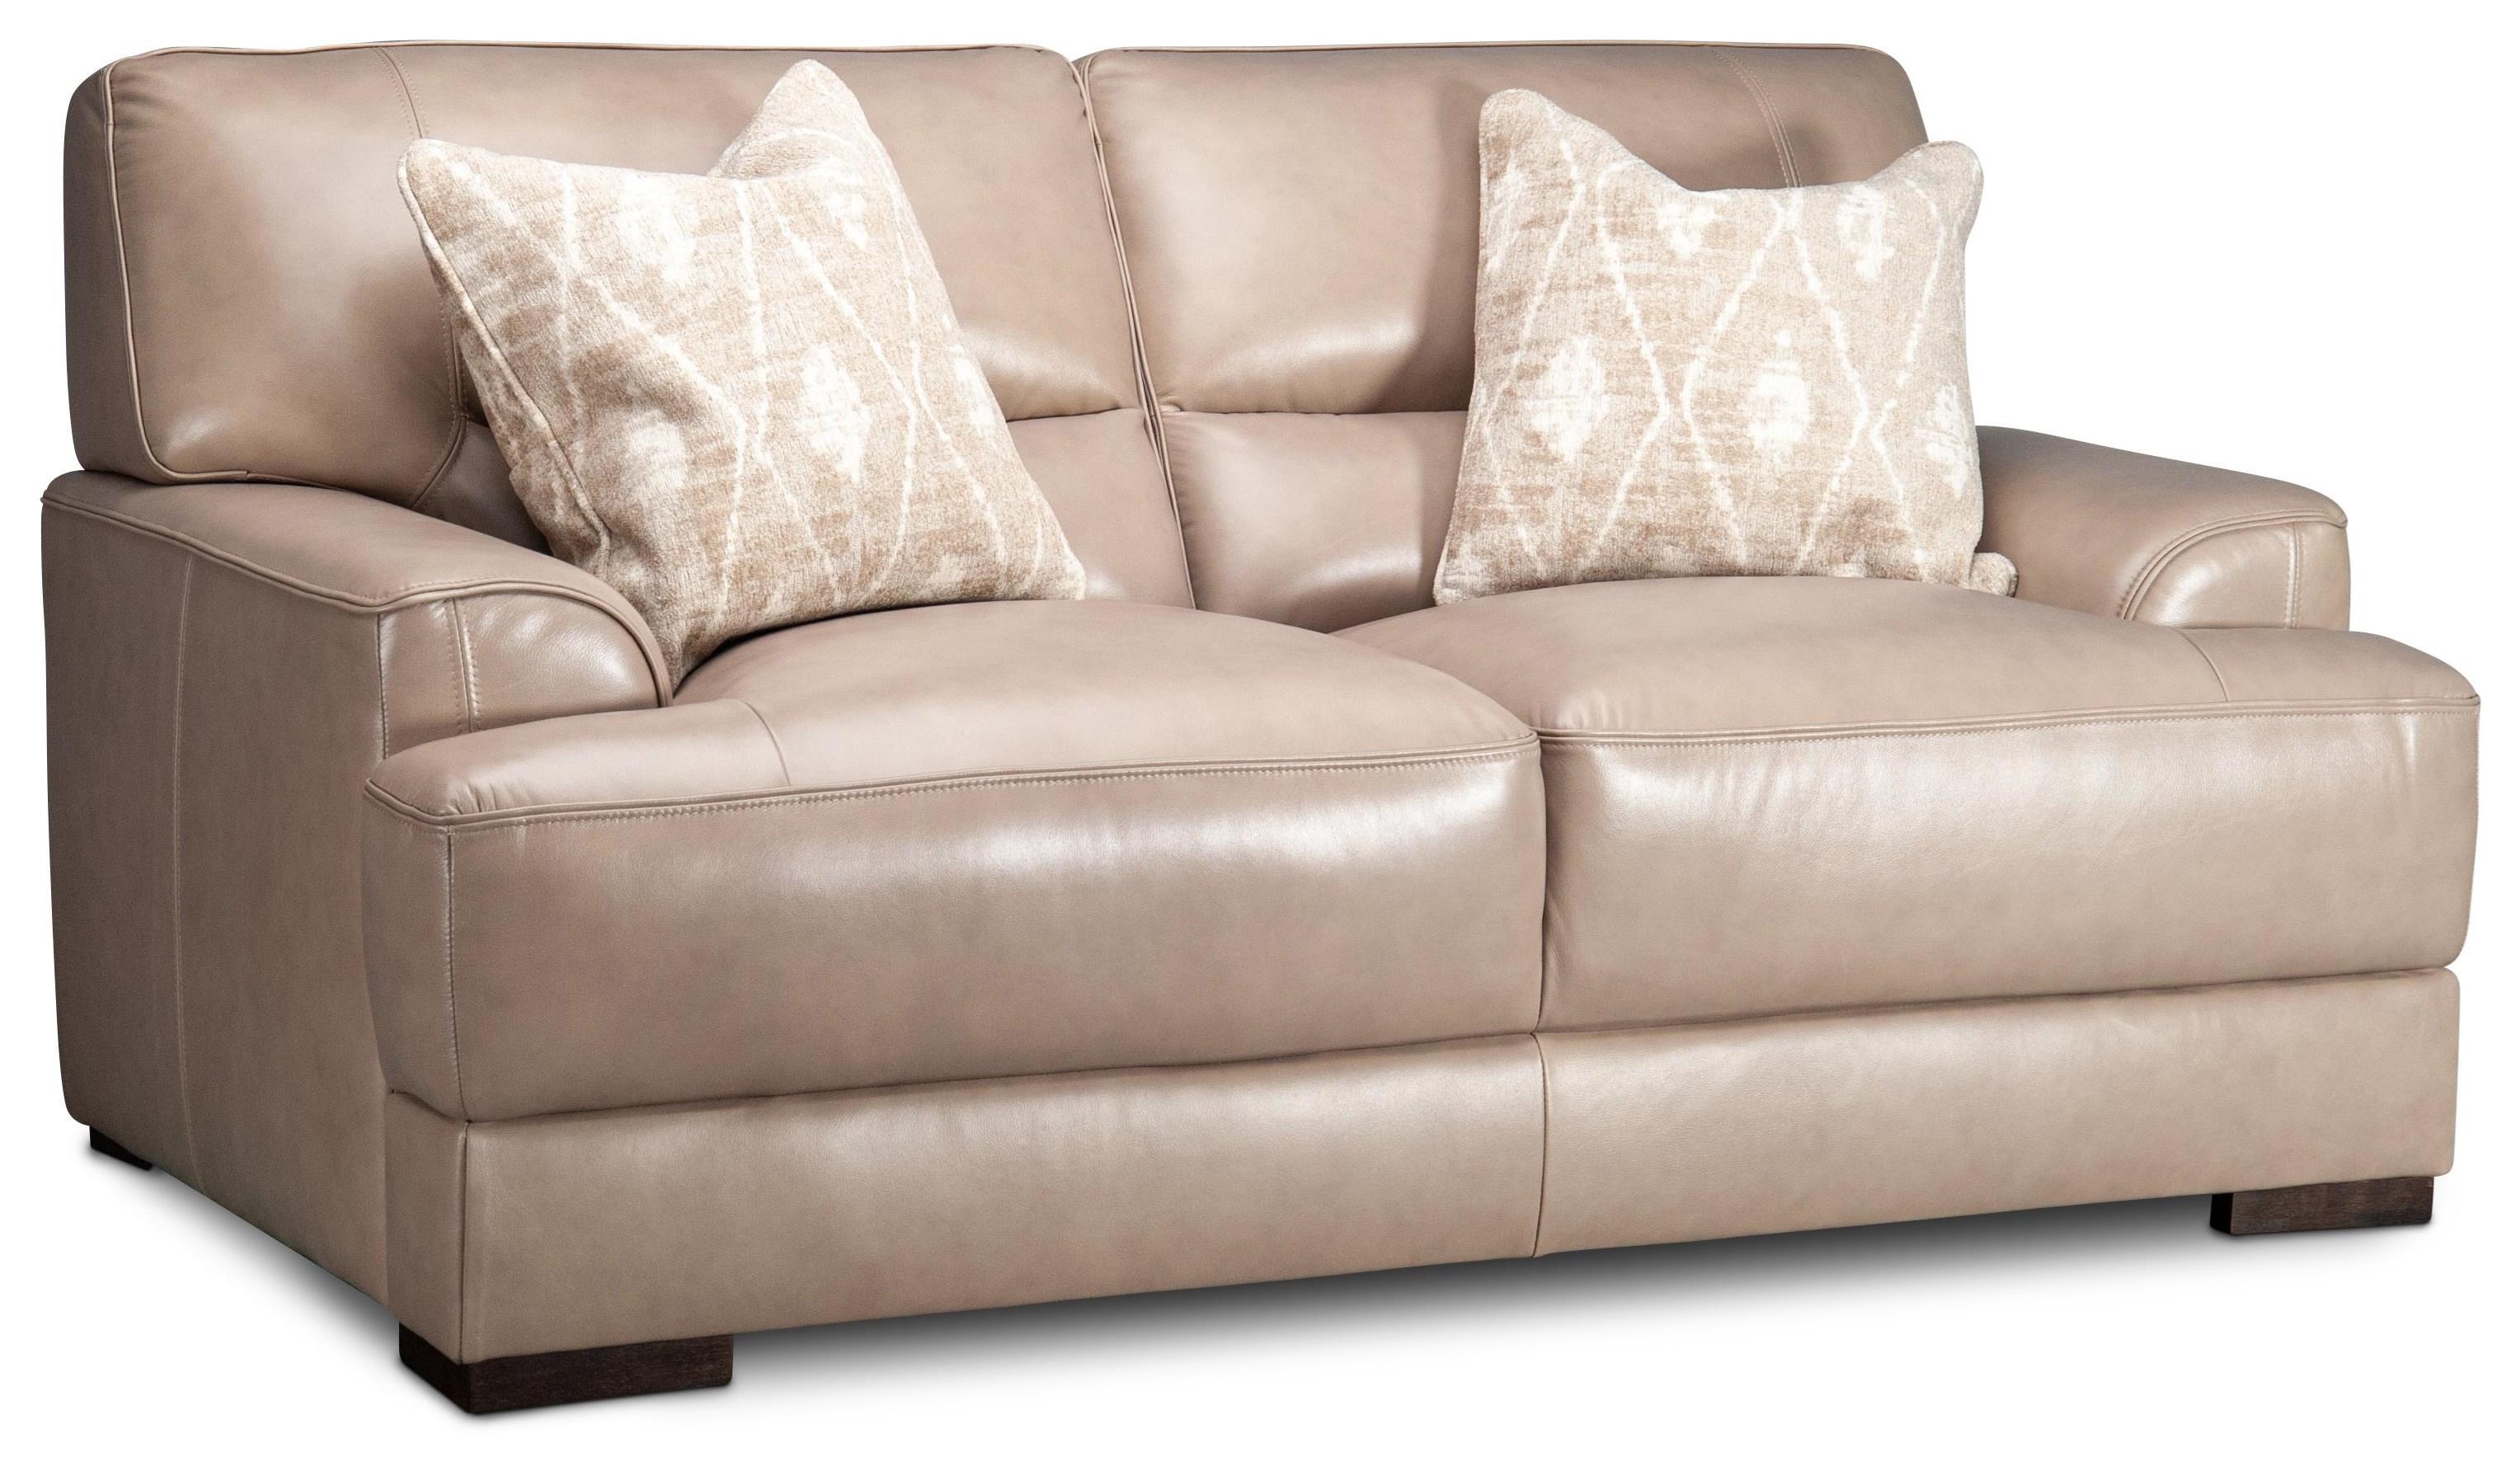 Winnett Winnett Leather Loveseat by Kuka Home at Morris Home